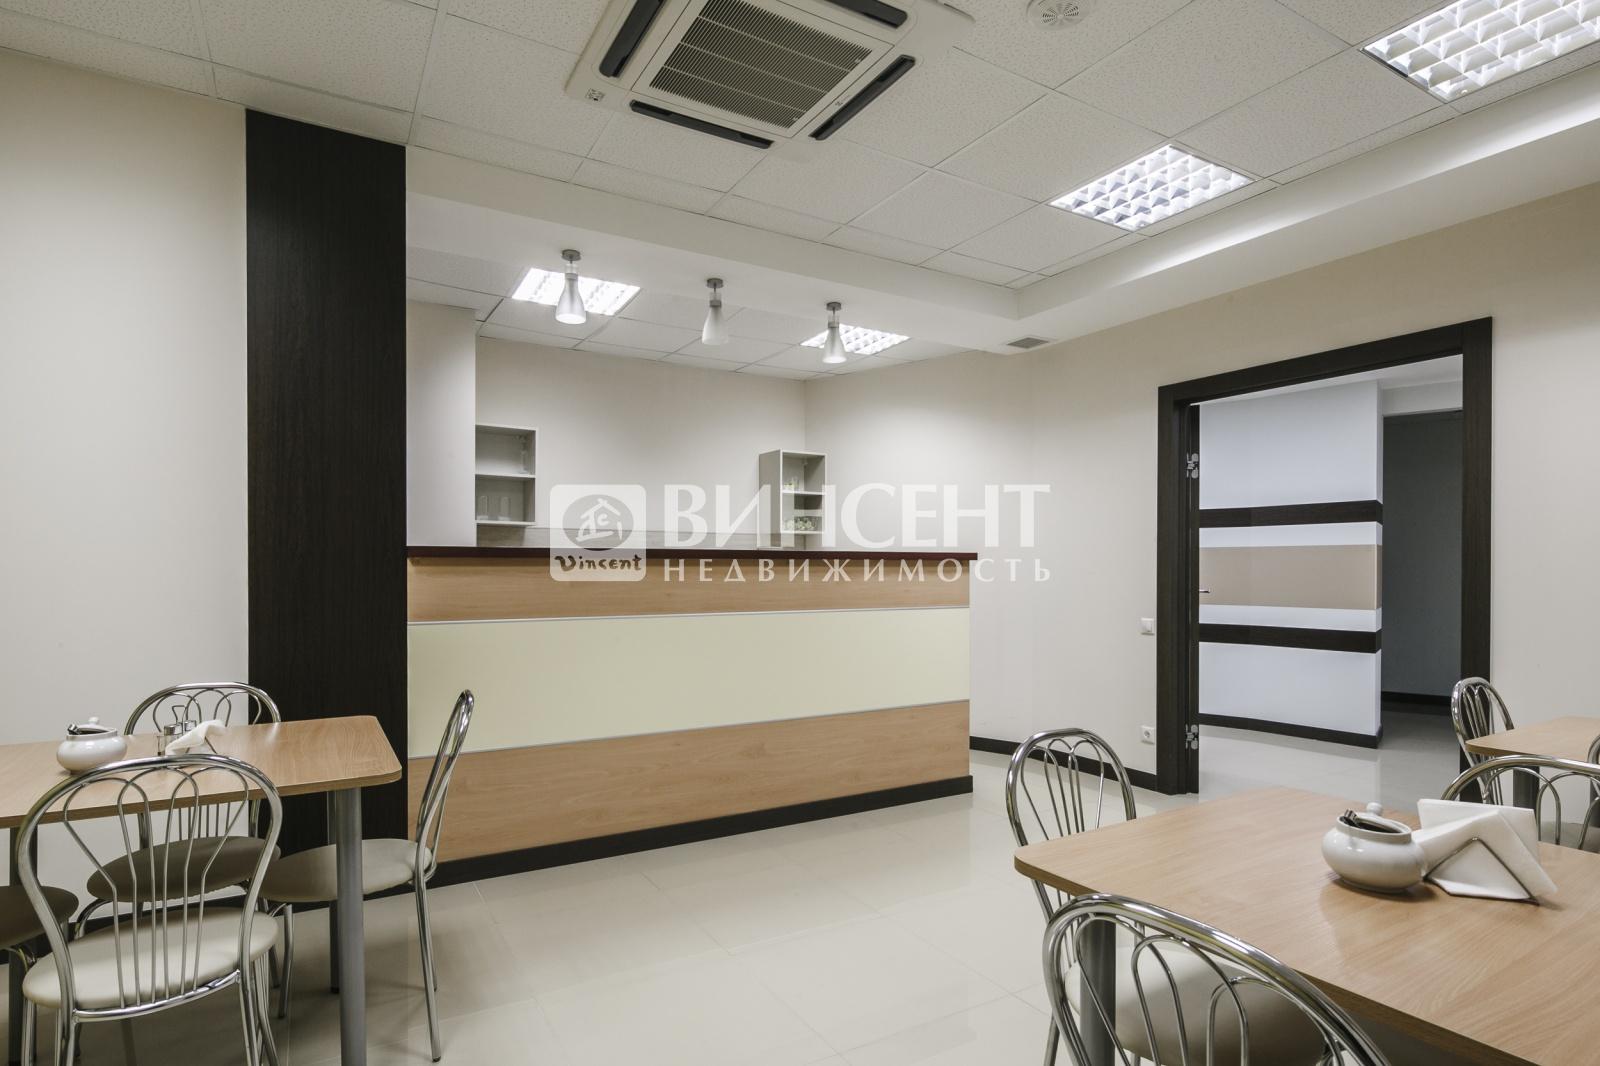 Офисные помещения Поляны улица волоколамская недвижимость коммерческая